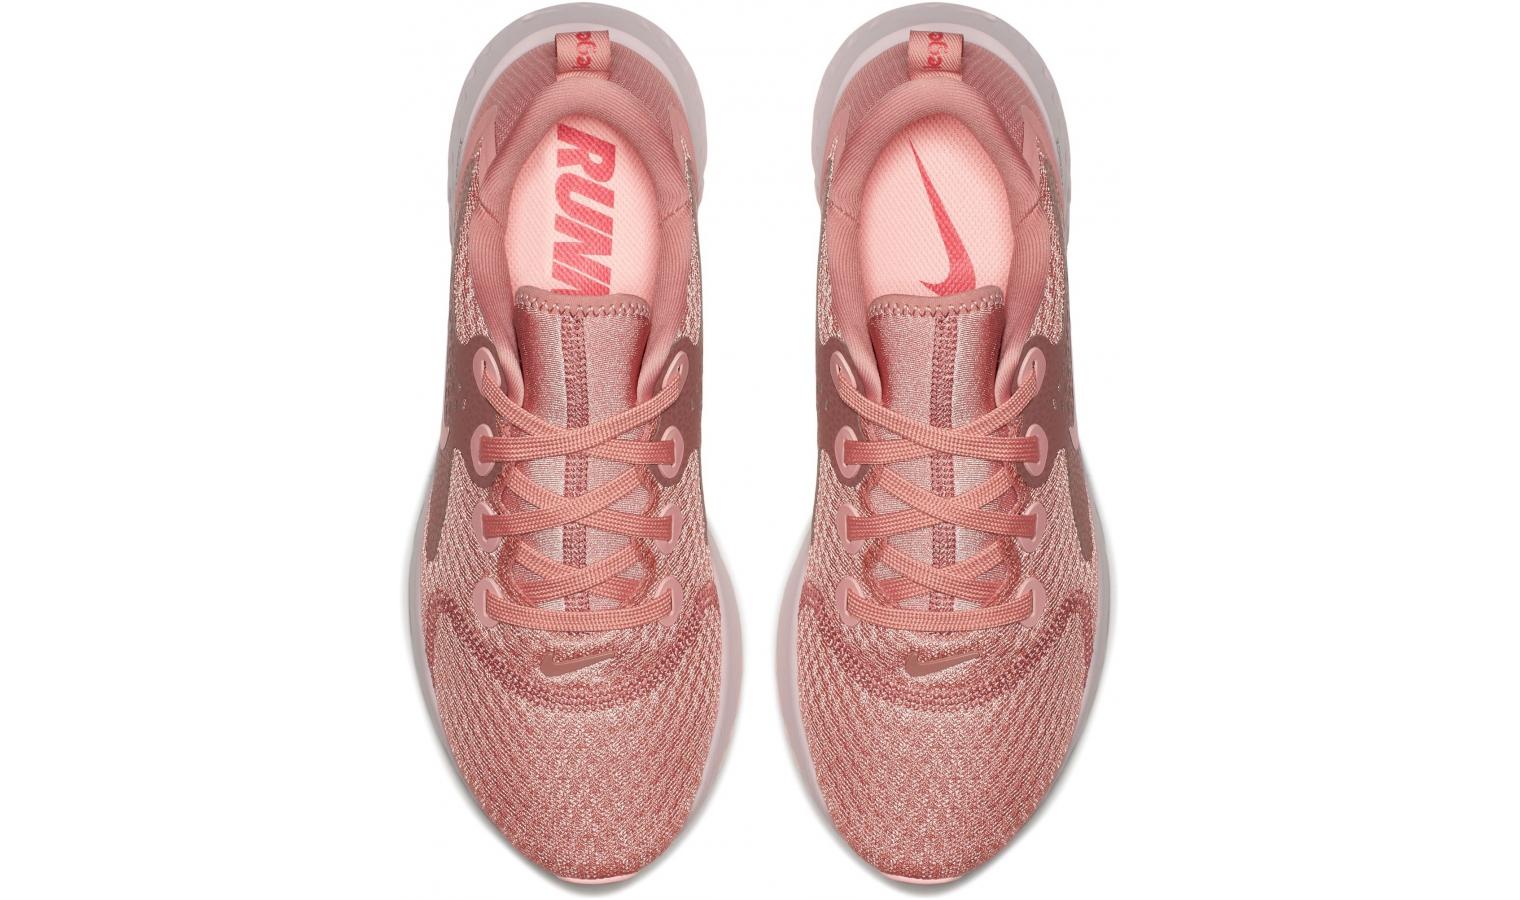 4f1ddeb6e488 Dámské běžecké boty Nike LEGEND REACT W růžové